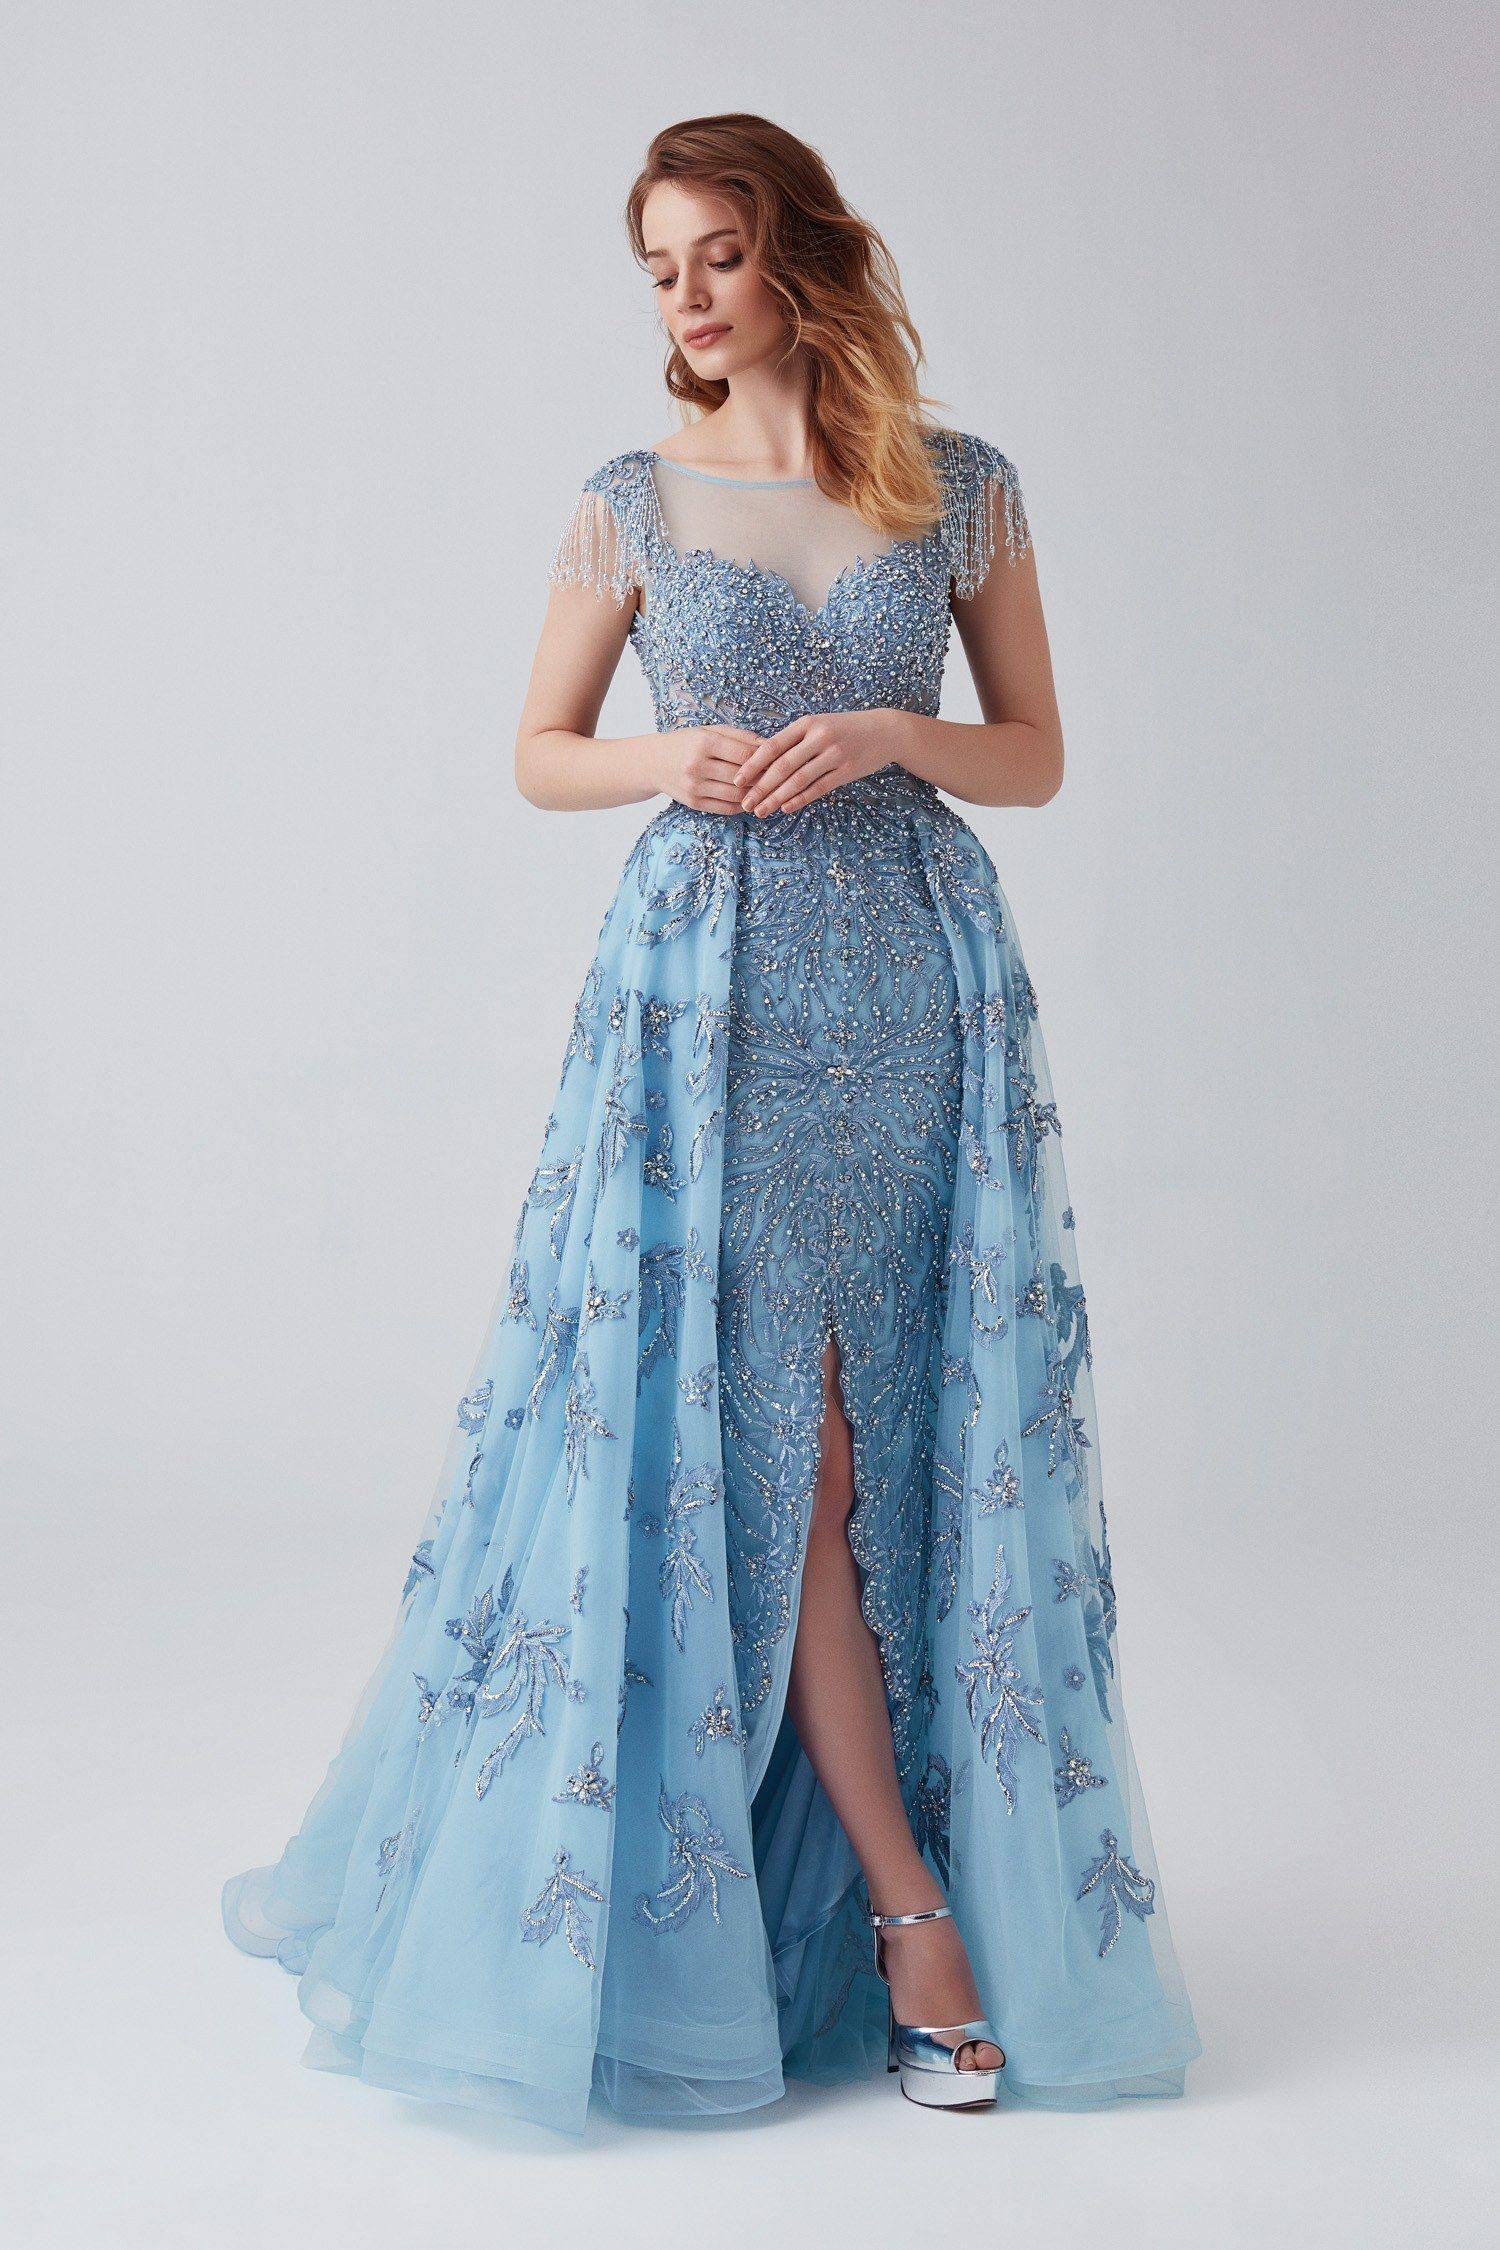 b596d43315c02 Söz ve nişanı farklı günlerde ya da aynı gün içerisinde planlayanlardan  biriyseniz ve giyeceğiniz nişan elbisesi ya da söz kıyafeti hakkında hiçbir  fikriniz ...